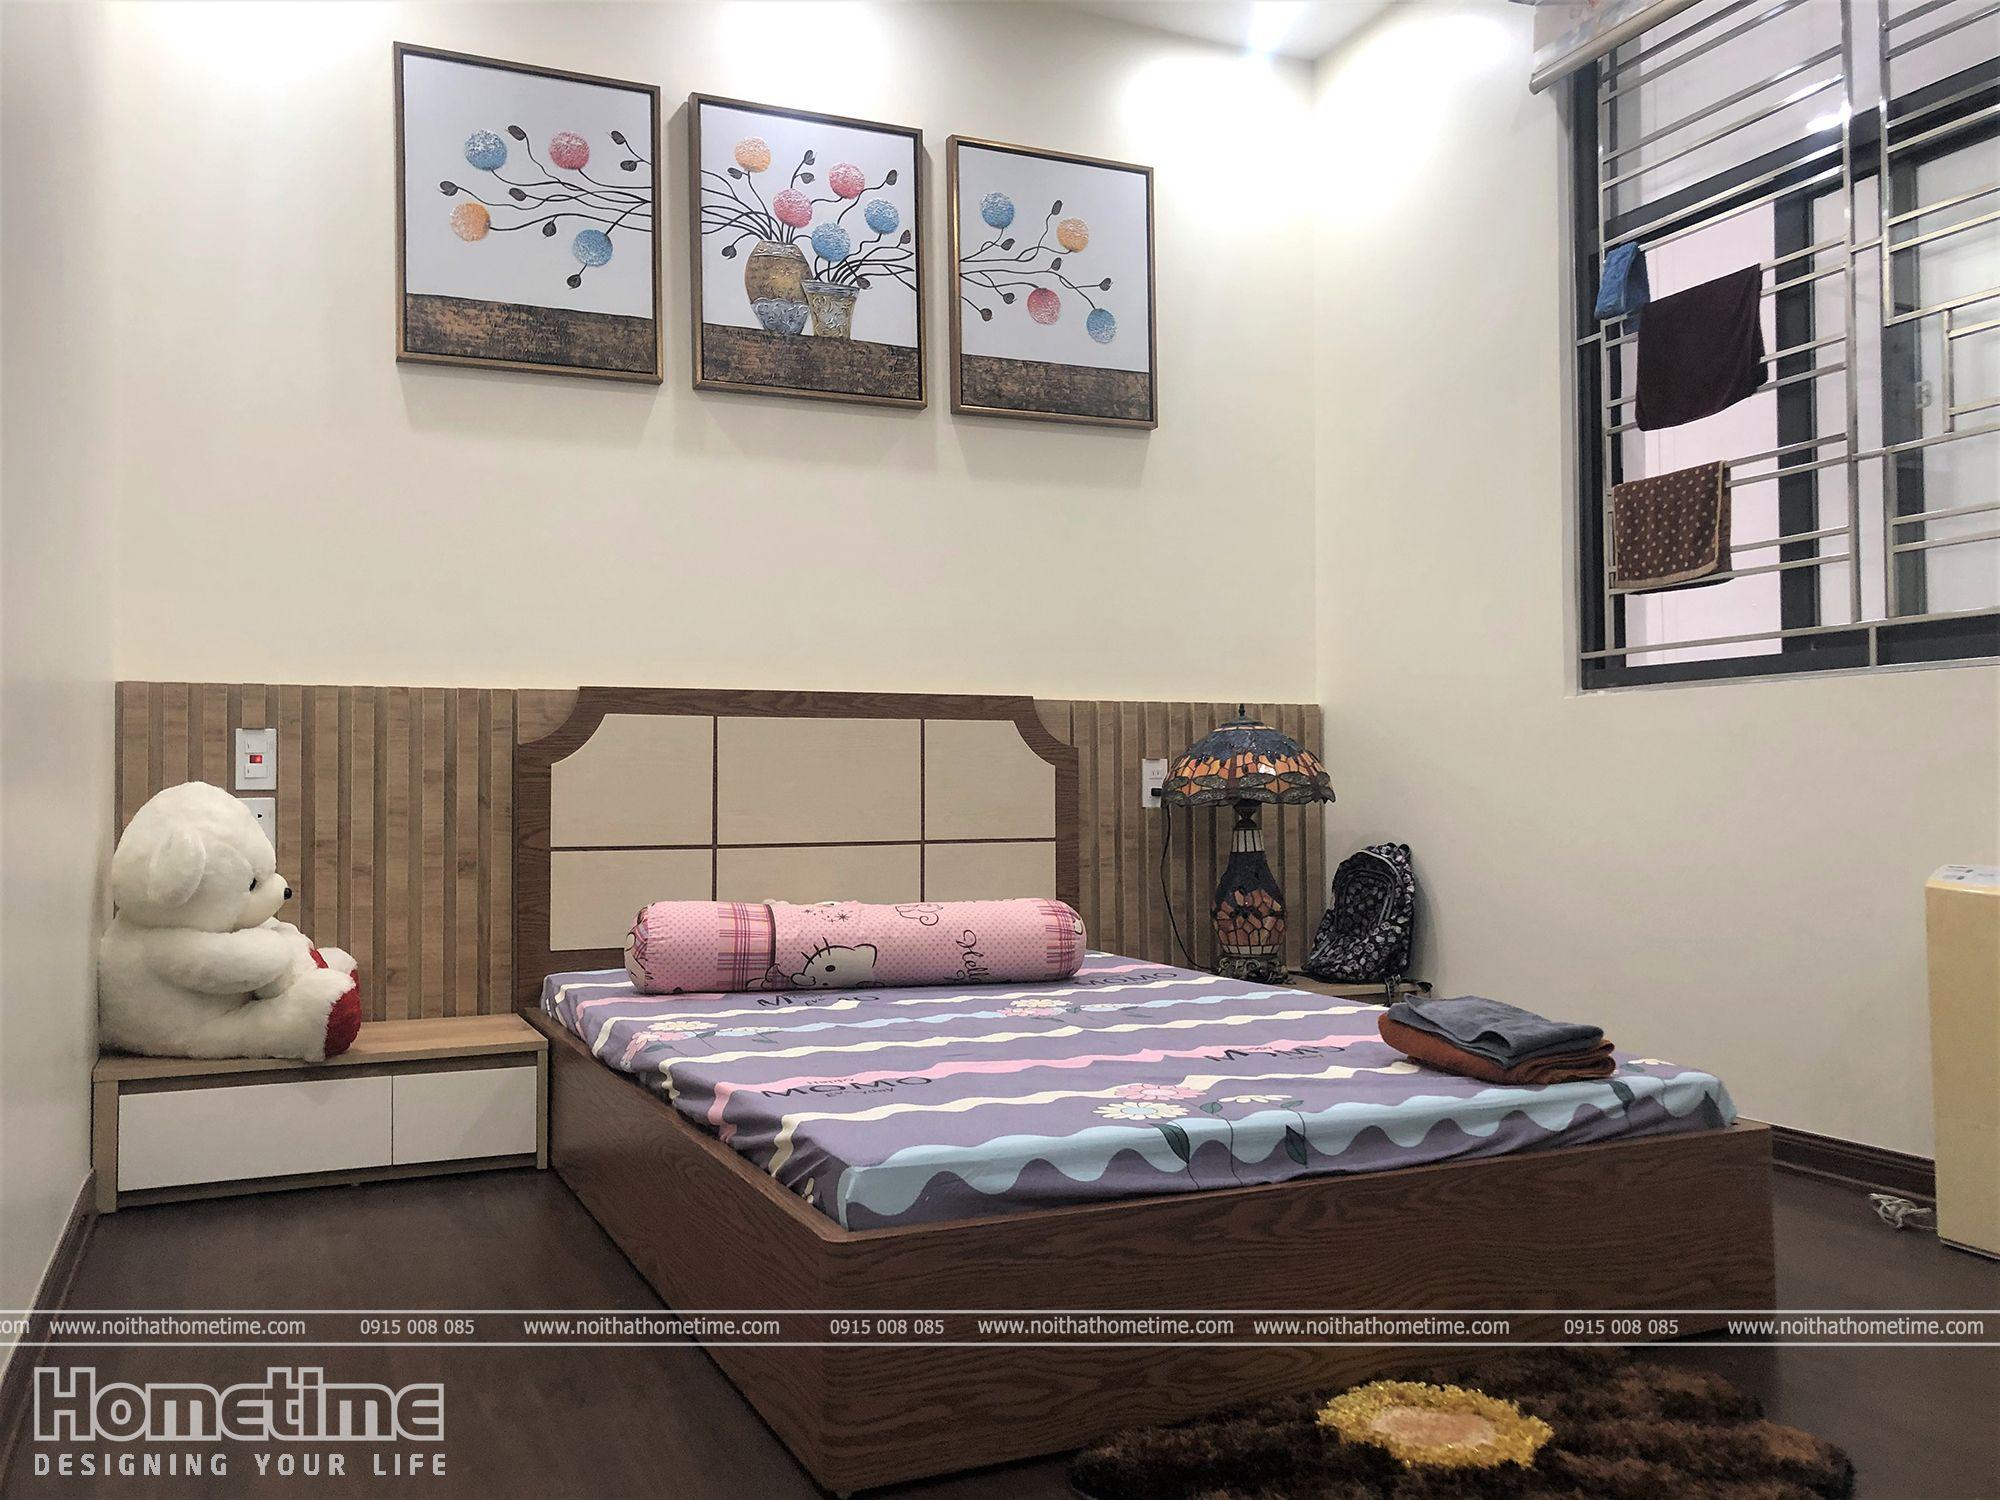 Thiết kế nội thất phòng ngủ theo phong cách dễ thương